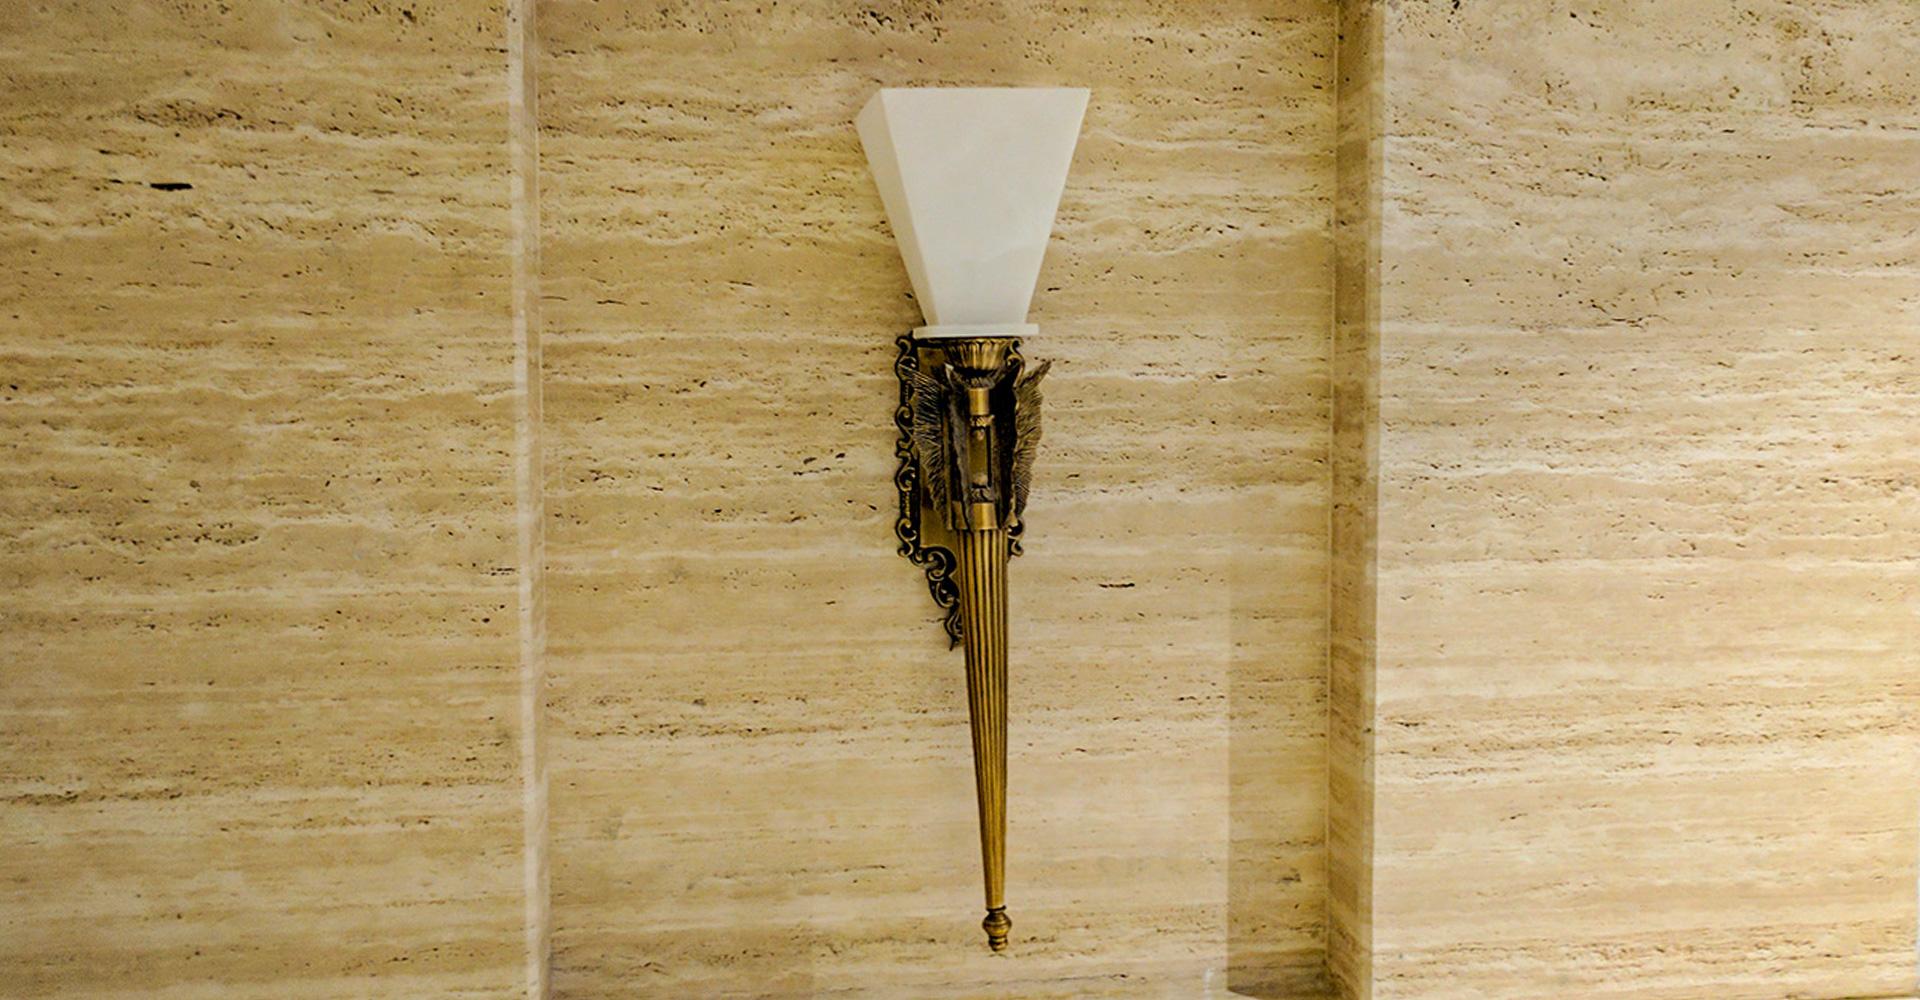 Residential-Interior-Design-Hiline-Lahore-portfolio-65J-DHA-EME-05 (26)